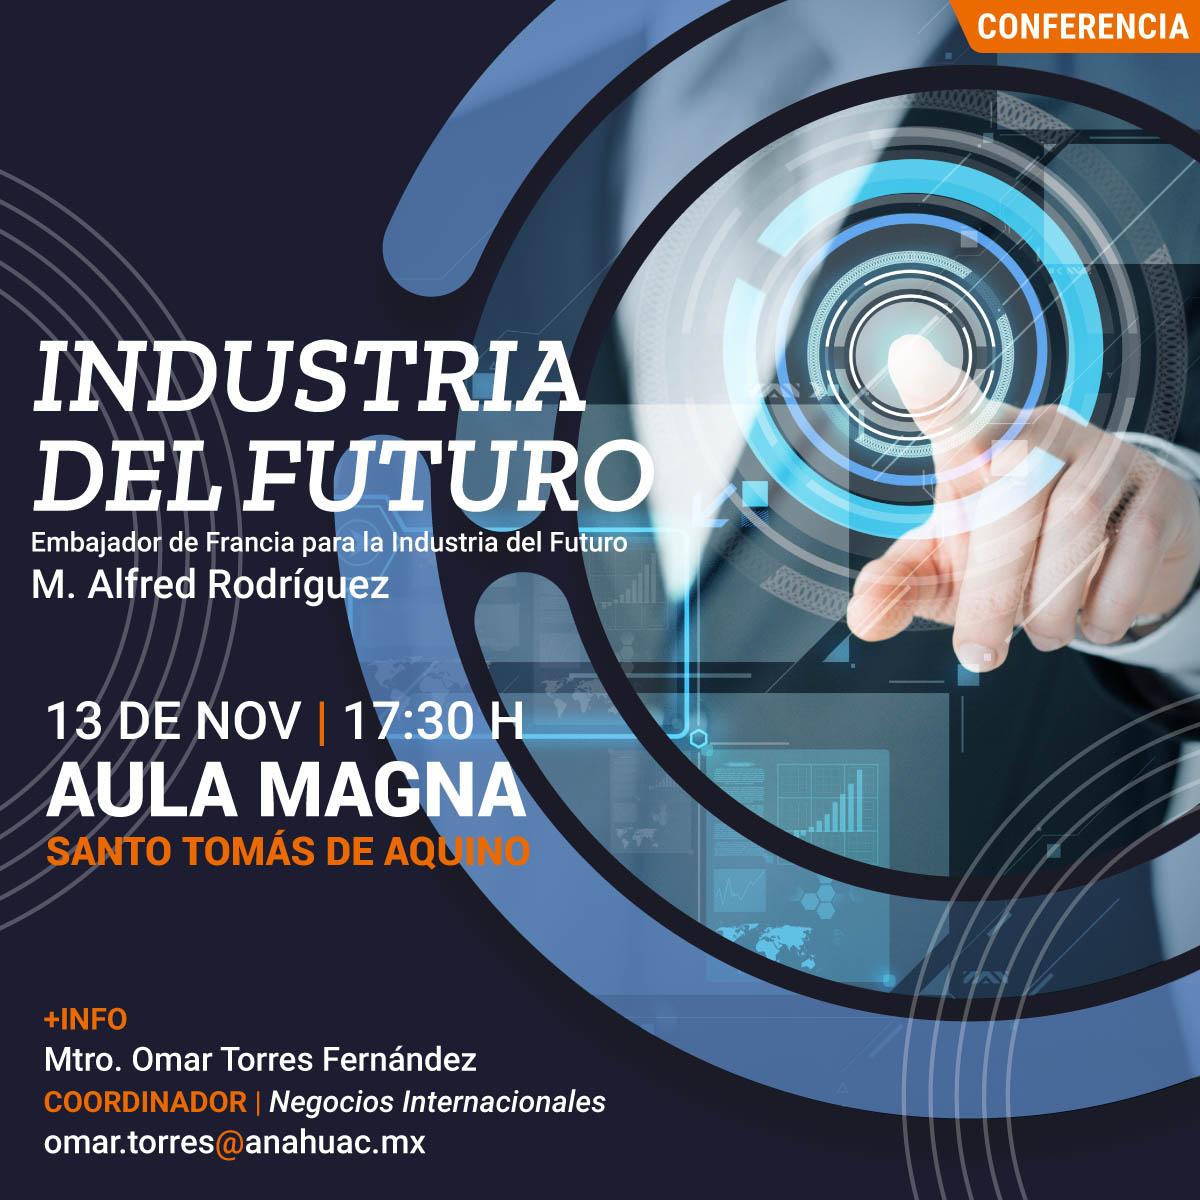 Industria del Futuro